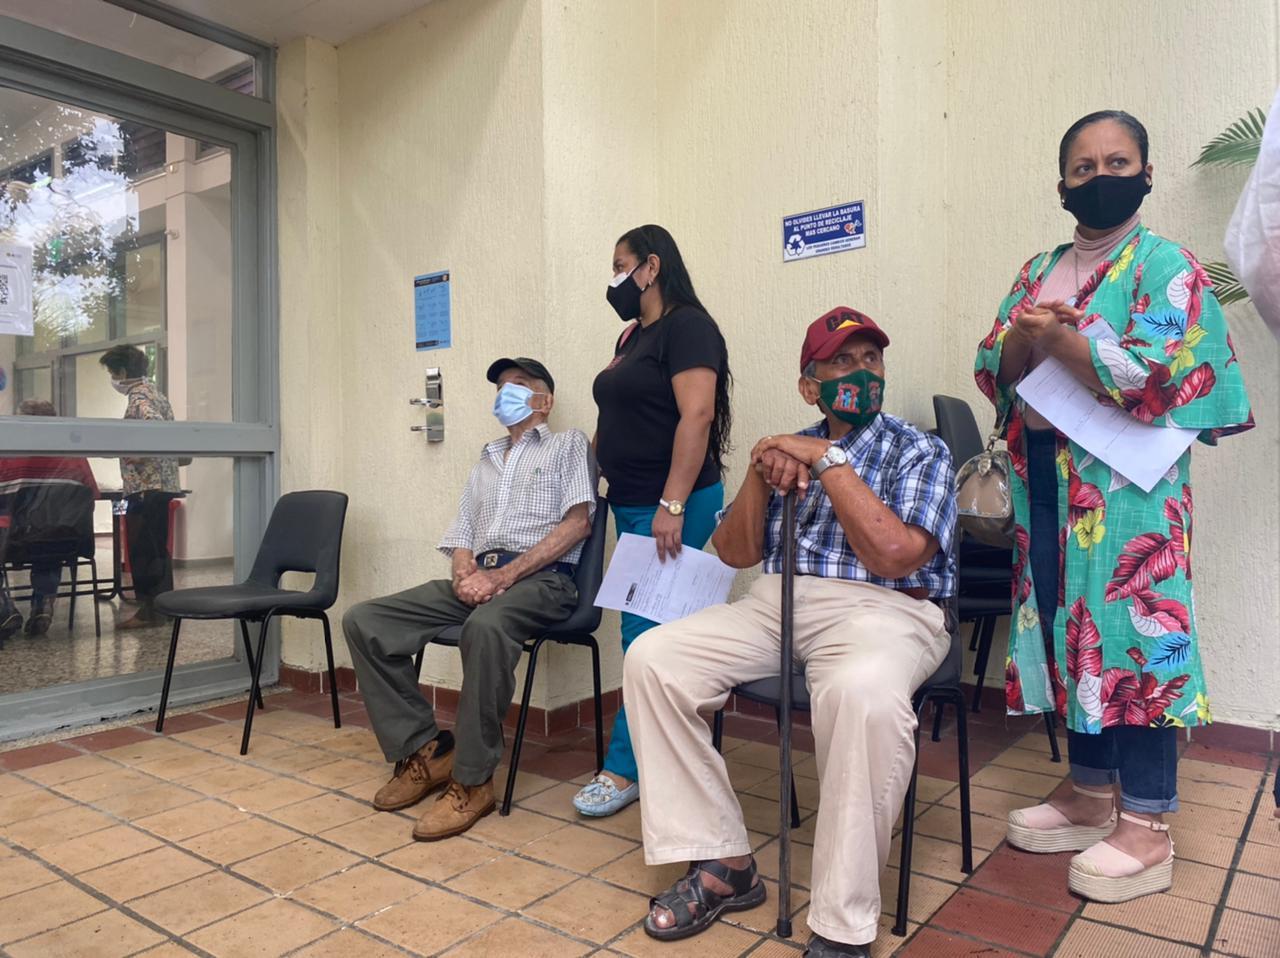 Inicia la vacunación contra el Covid-19 en las jornadas de 'Alcaldía al Barrio'